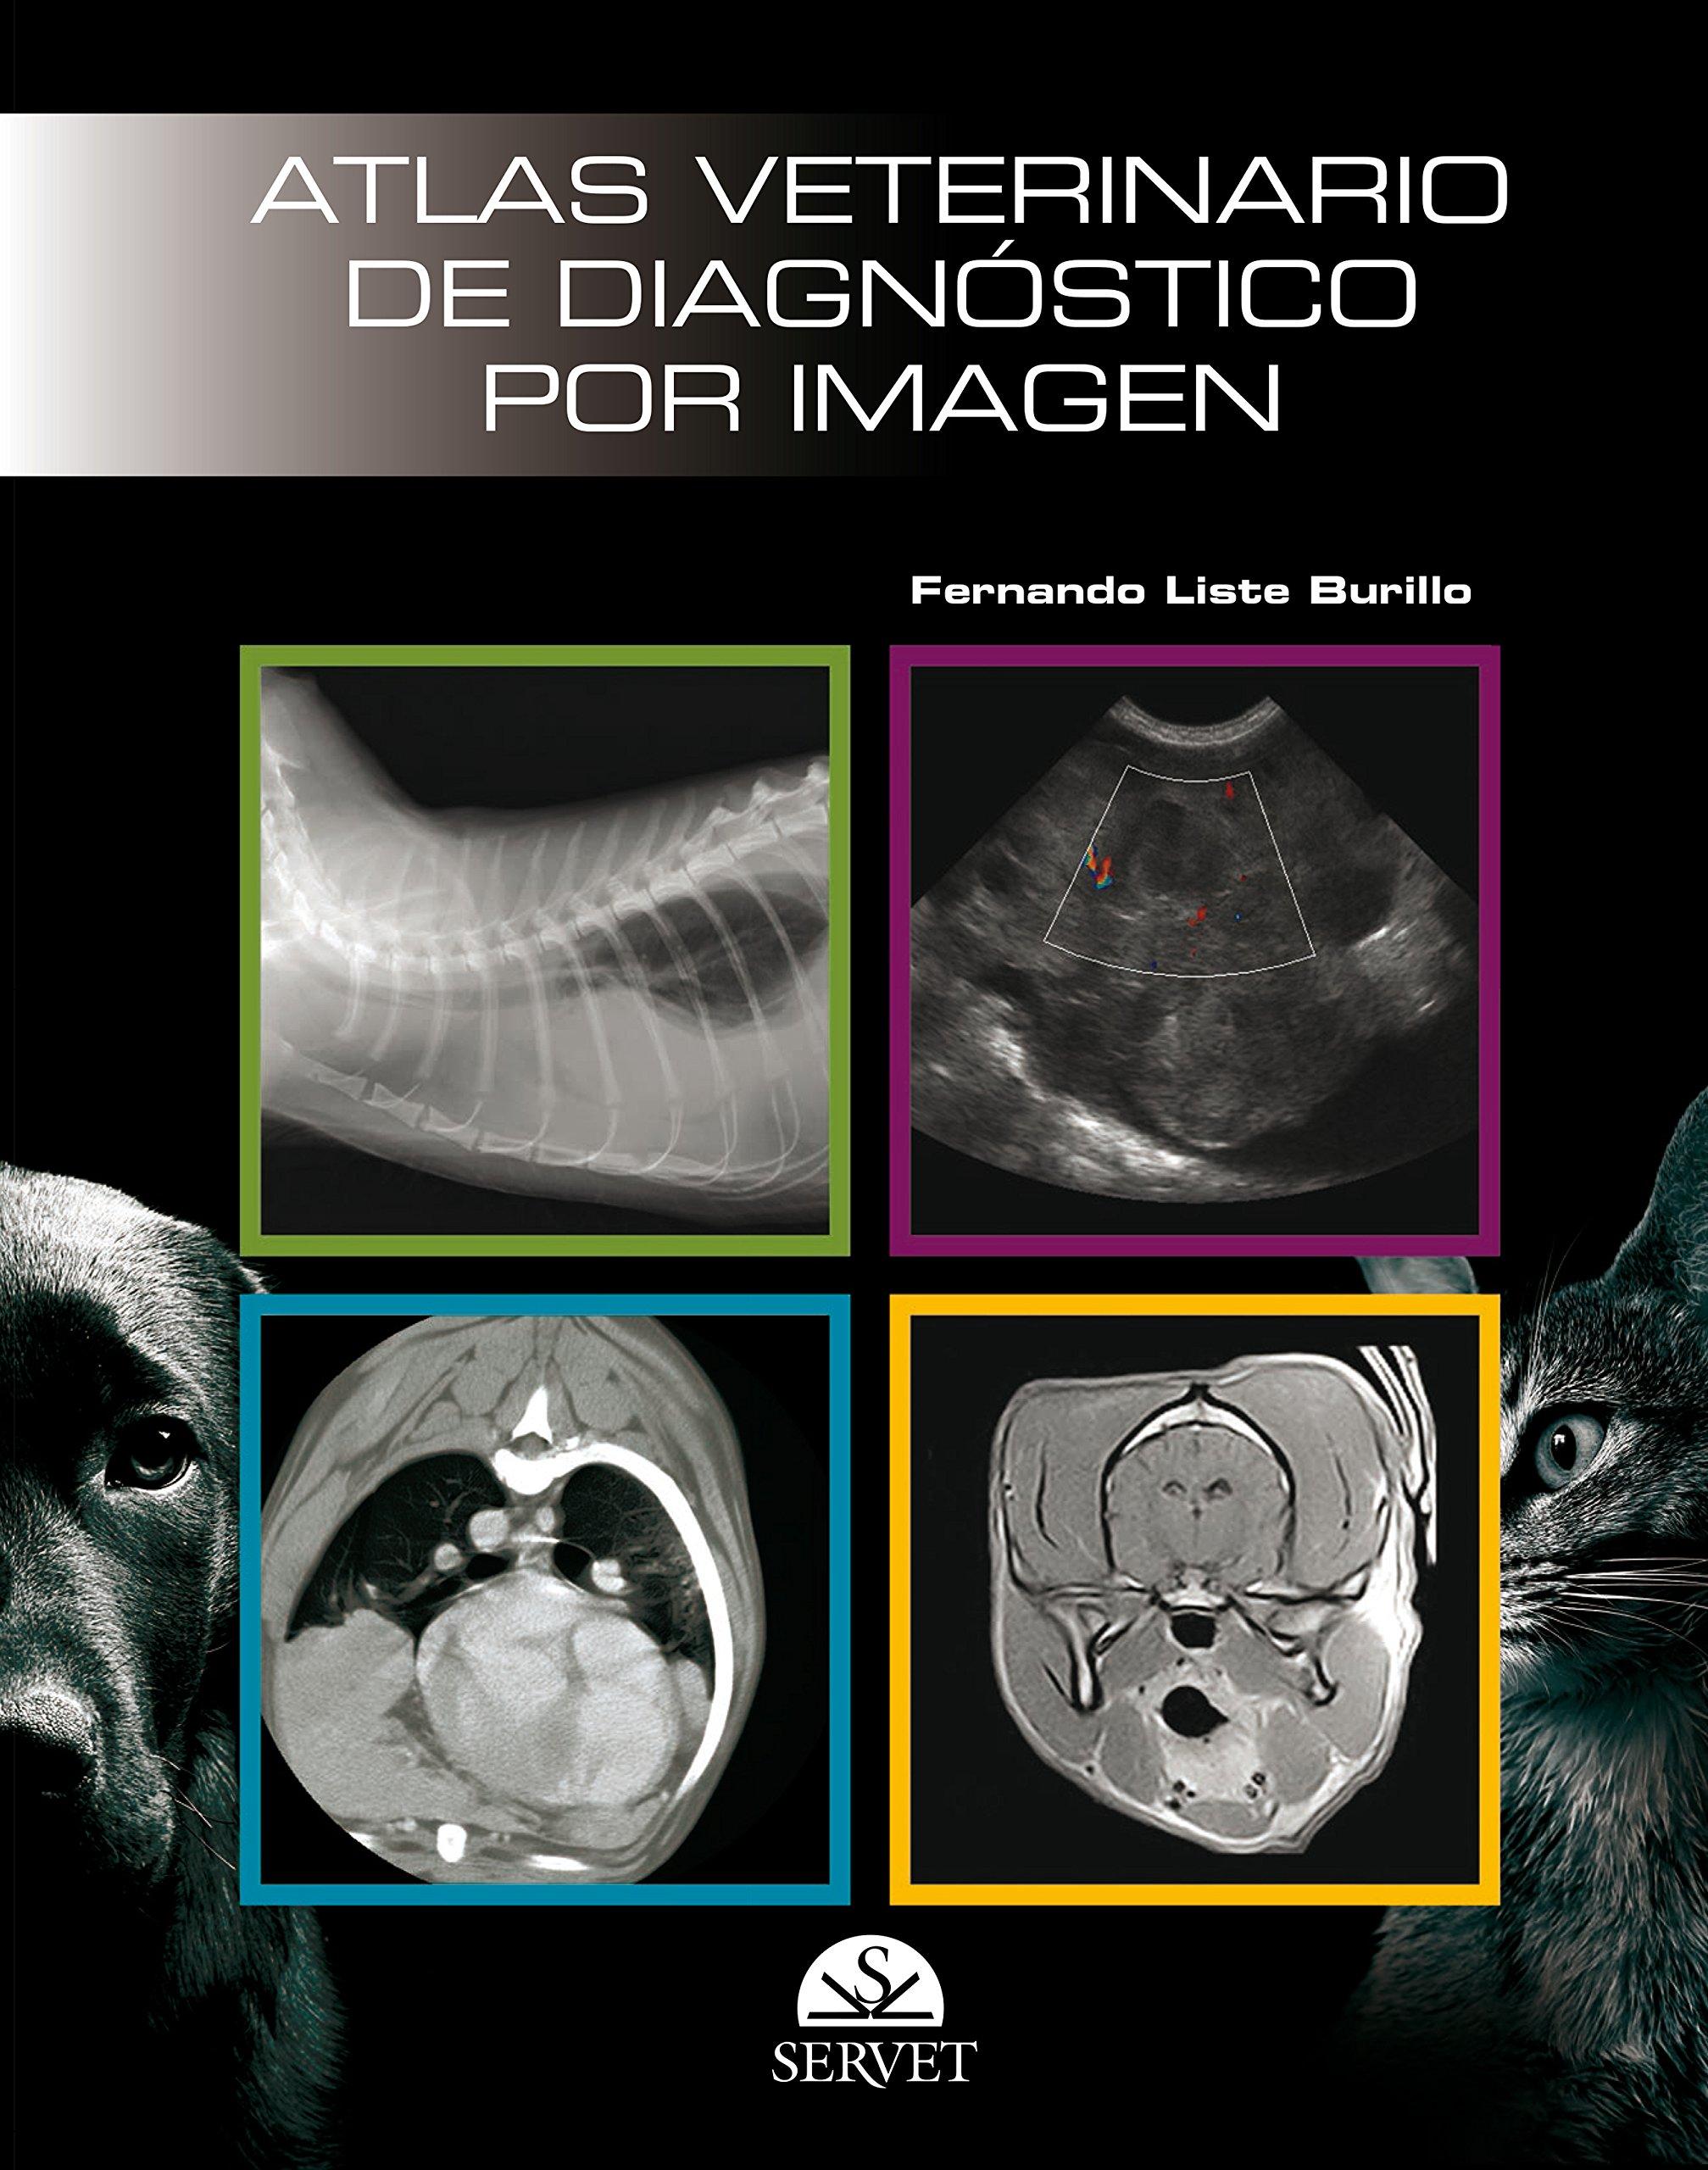 Atlas veterinario de diagnóstico por imagen - Libros de veterinaria ...